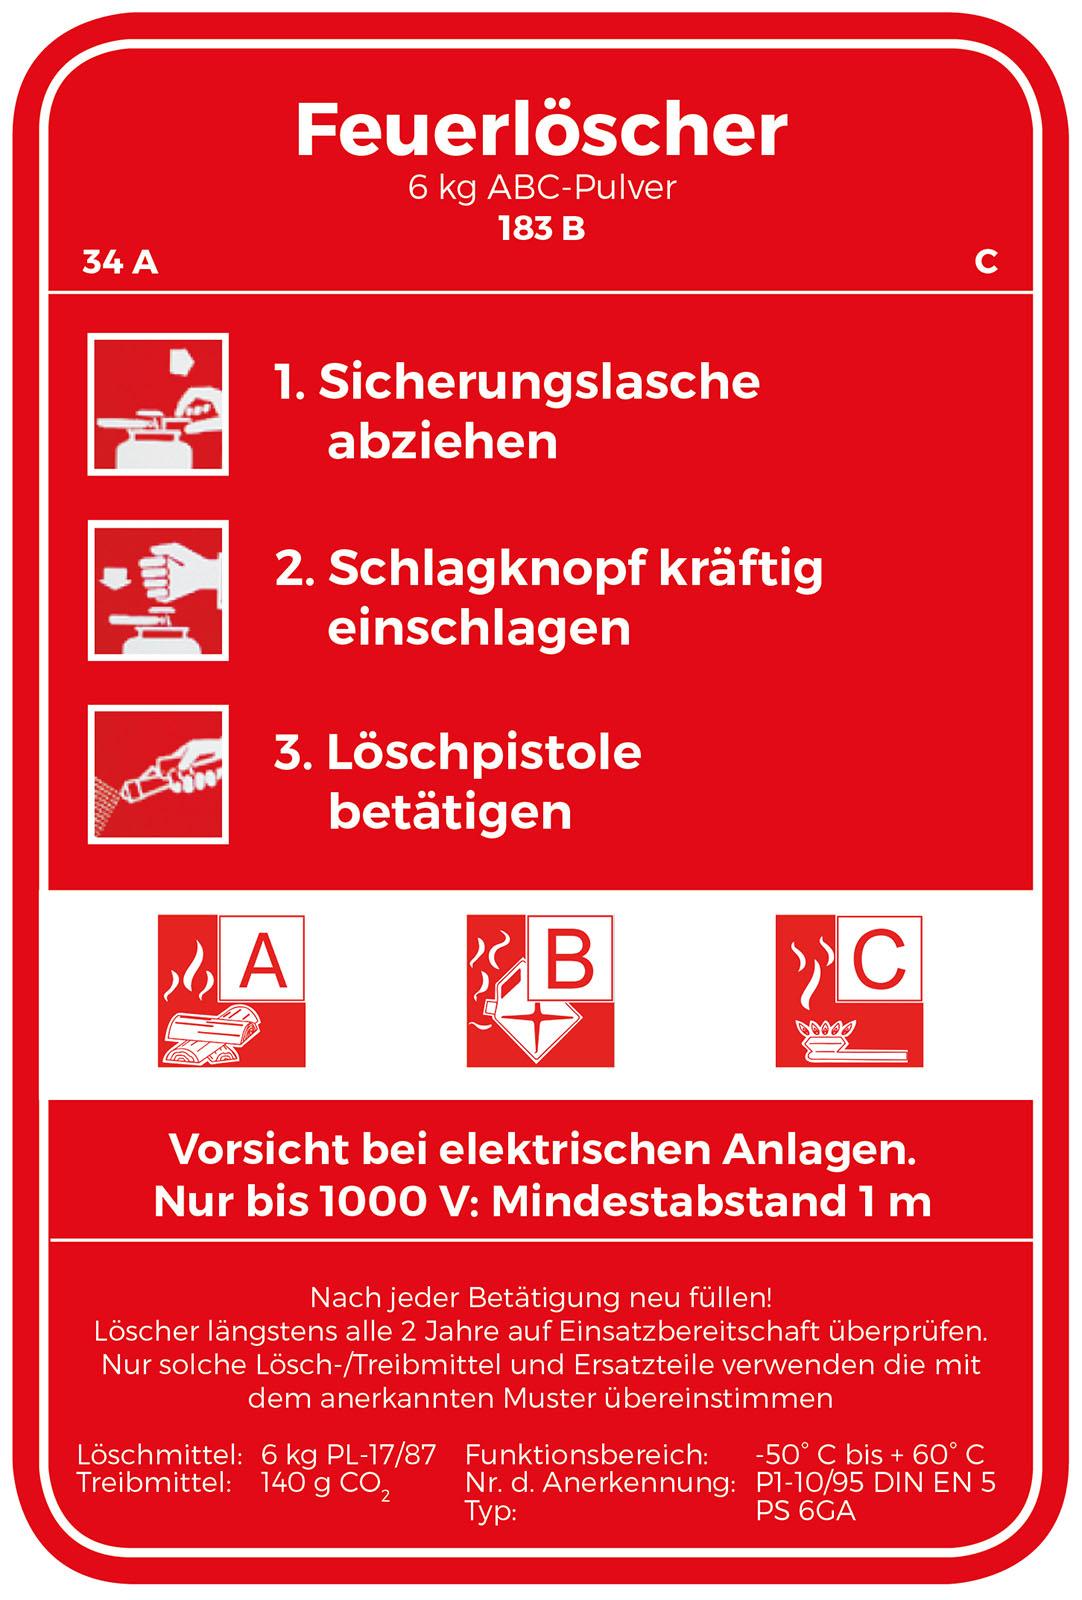 Feuerlöscher Anleitung